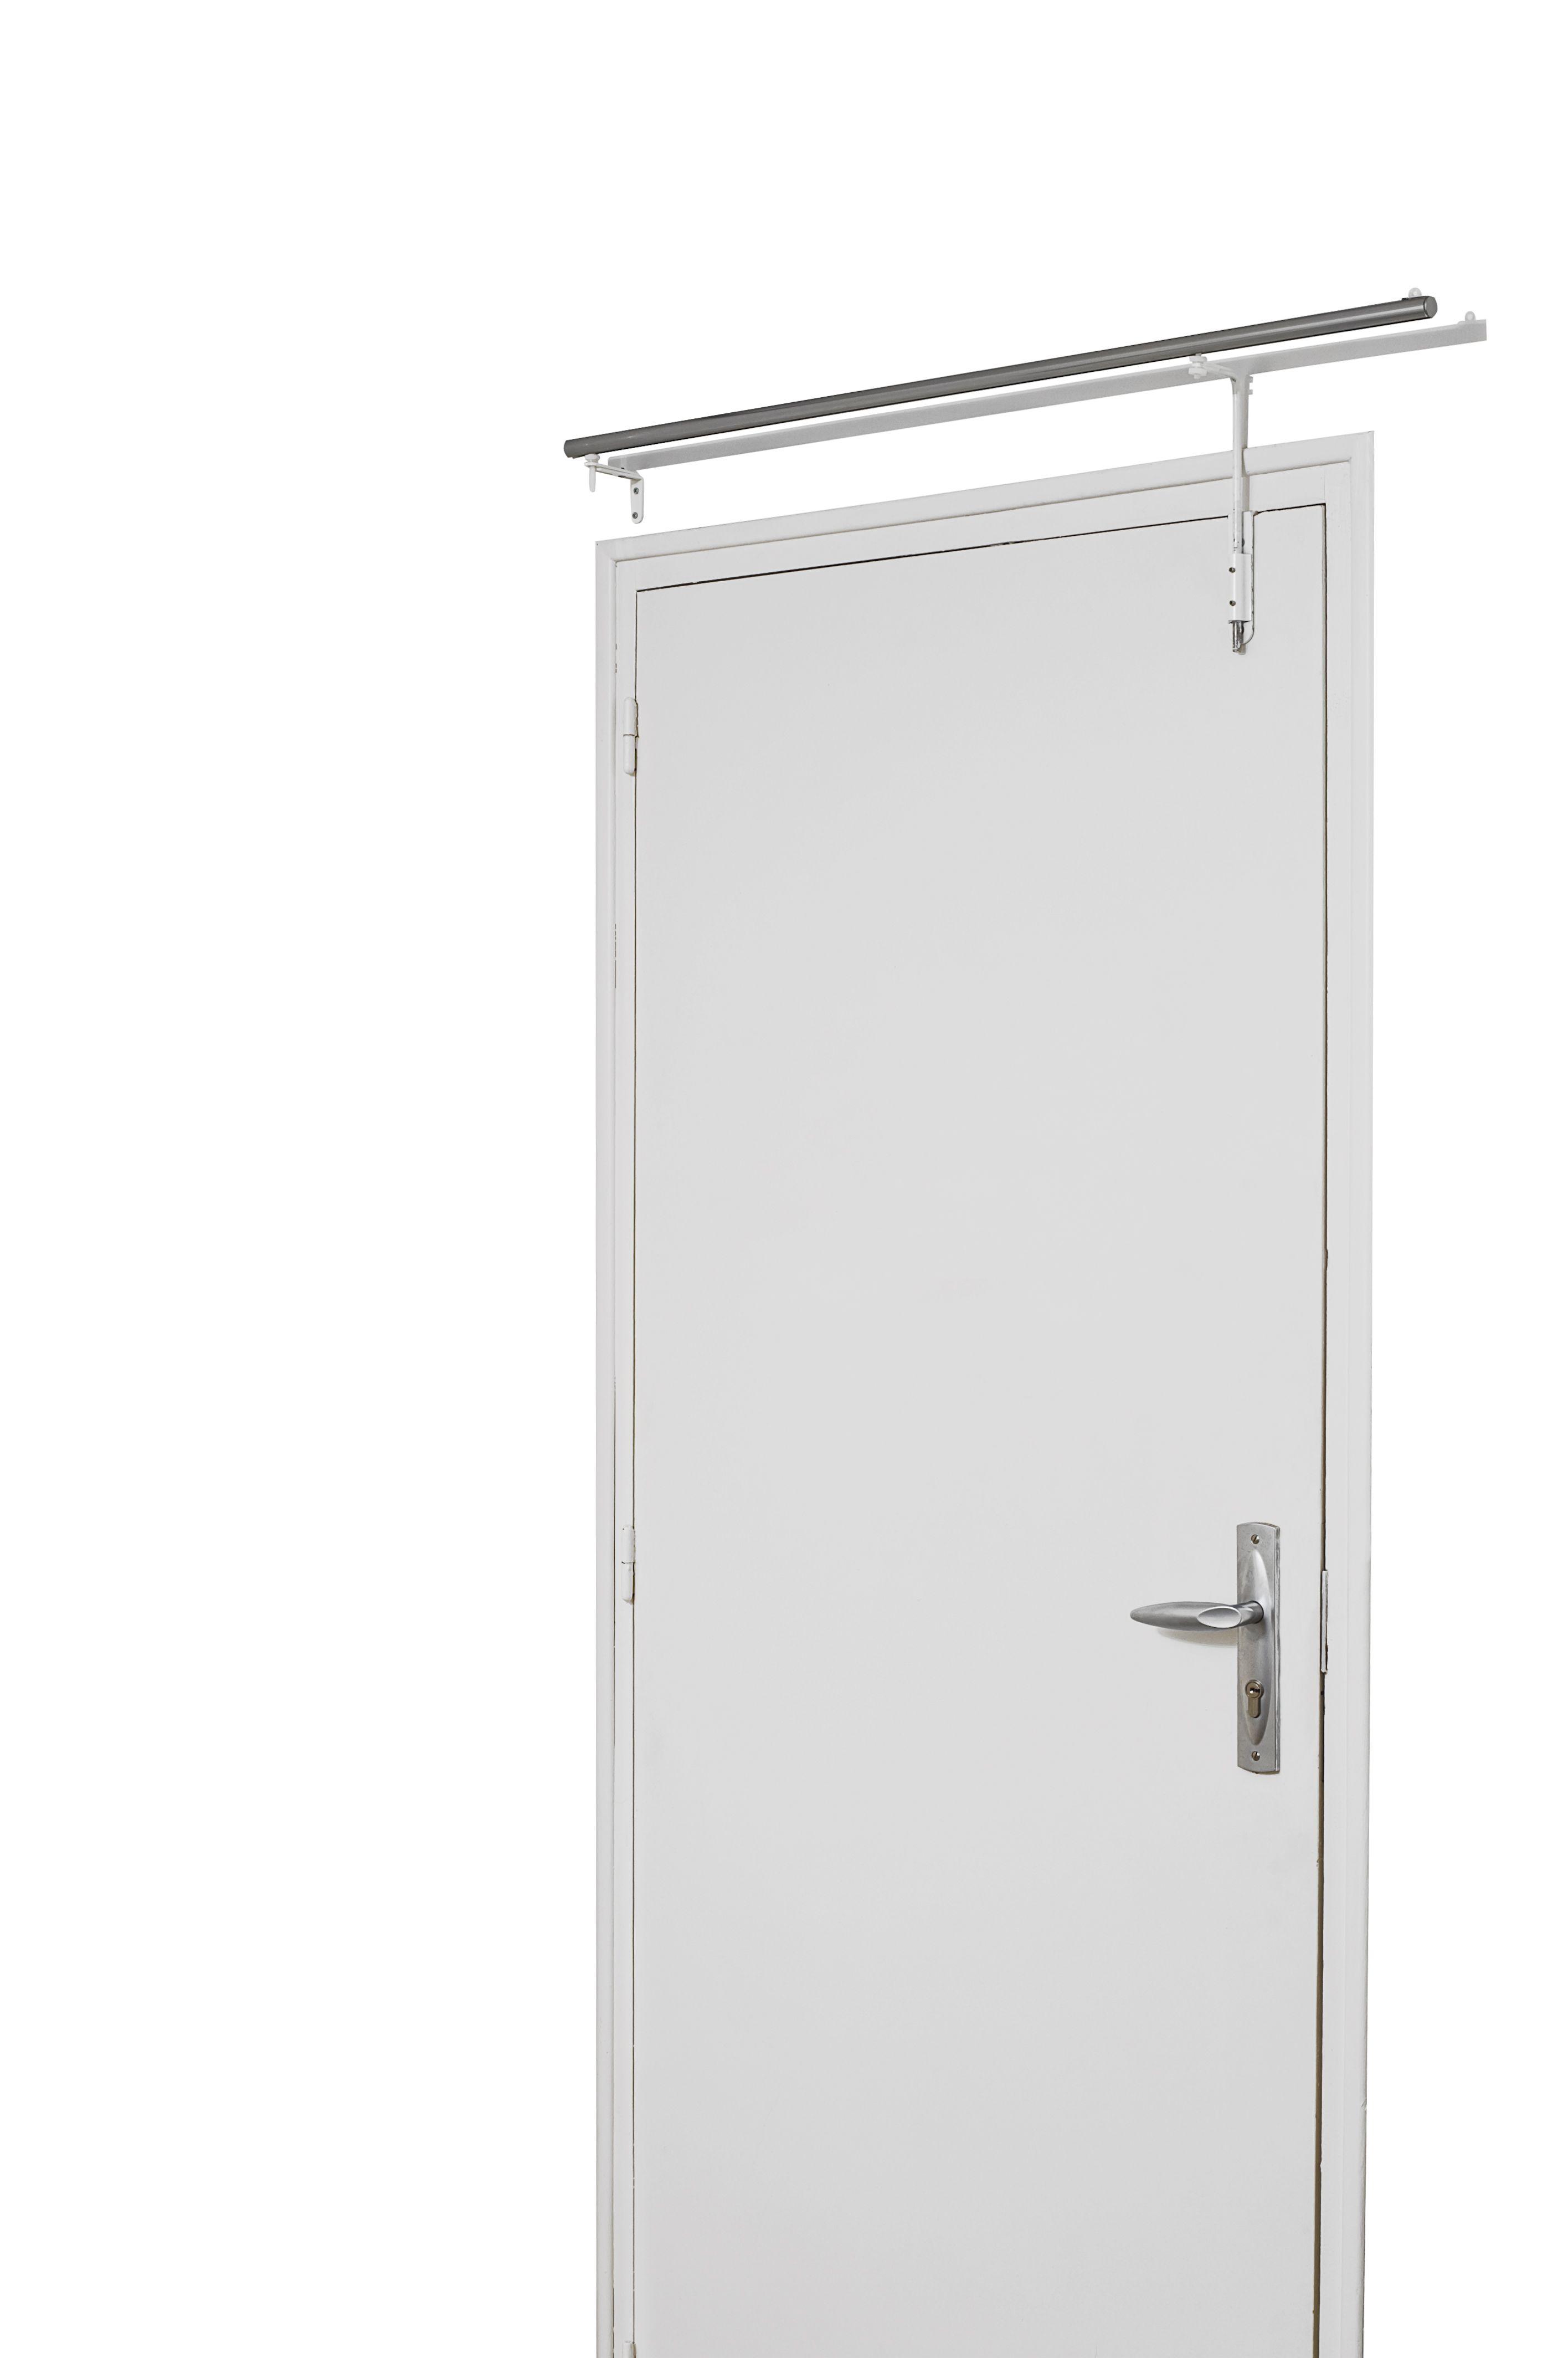 Tringle Prête à Poser Pour Porte Dentrée Blanc Chrome - Rideau pour porte d entrée